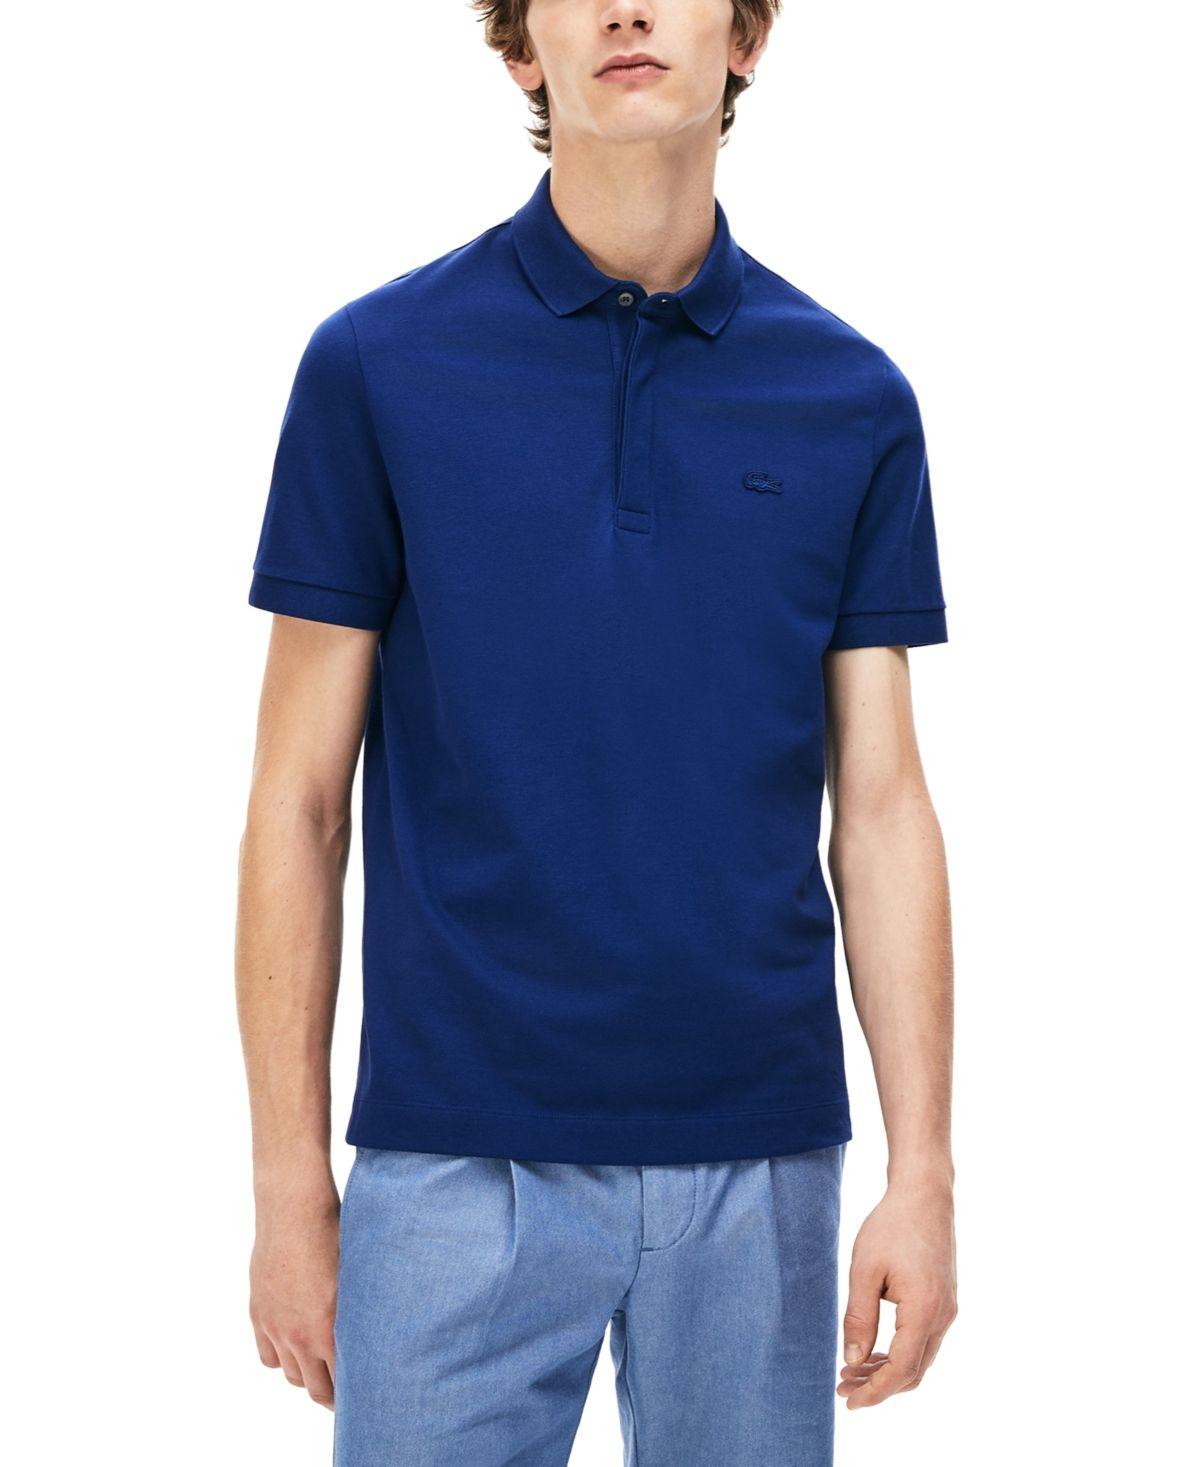 Lacoste Men S Regular Fit Stretch Cotton Paris Polo Shirt Reviews Polos Men Macy S In 2020